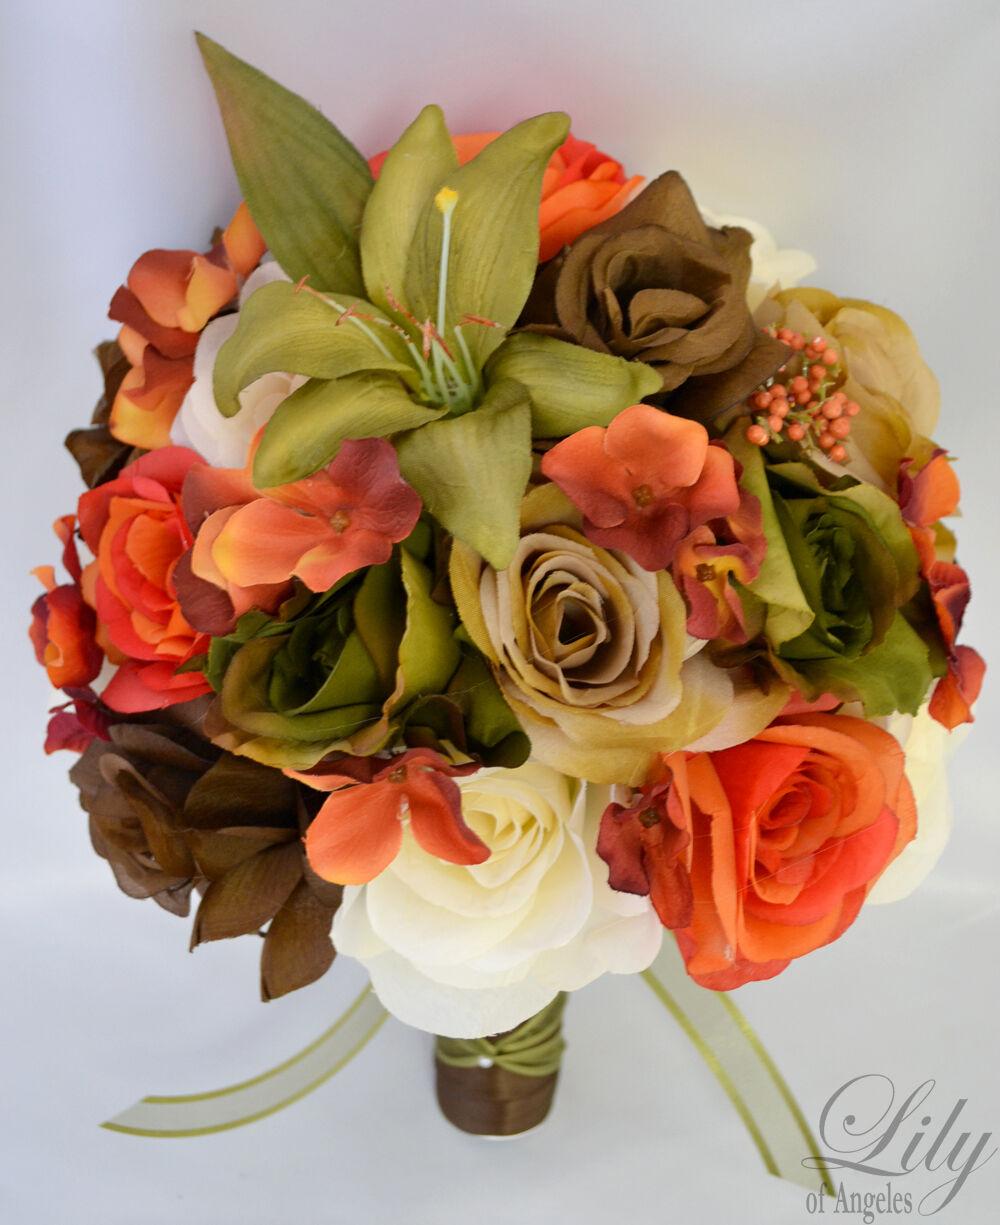 17pcs Robe de Mariage Bouquet Soie Décoration Fleur Paquet Orange vert mousse